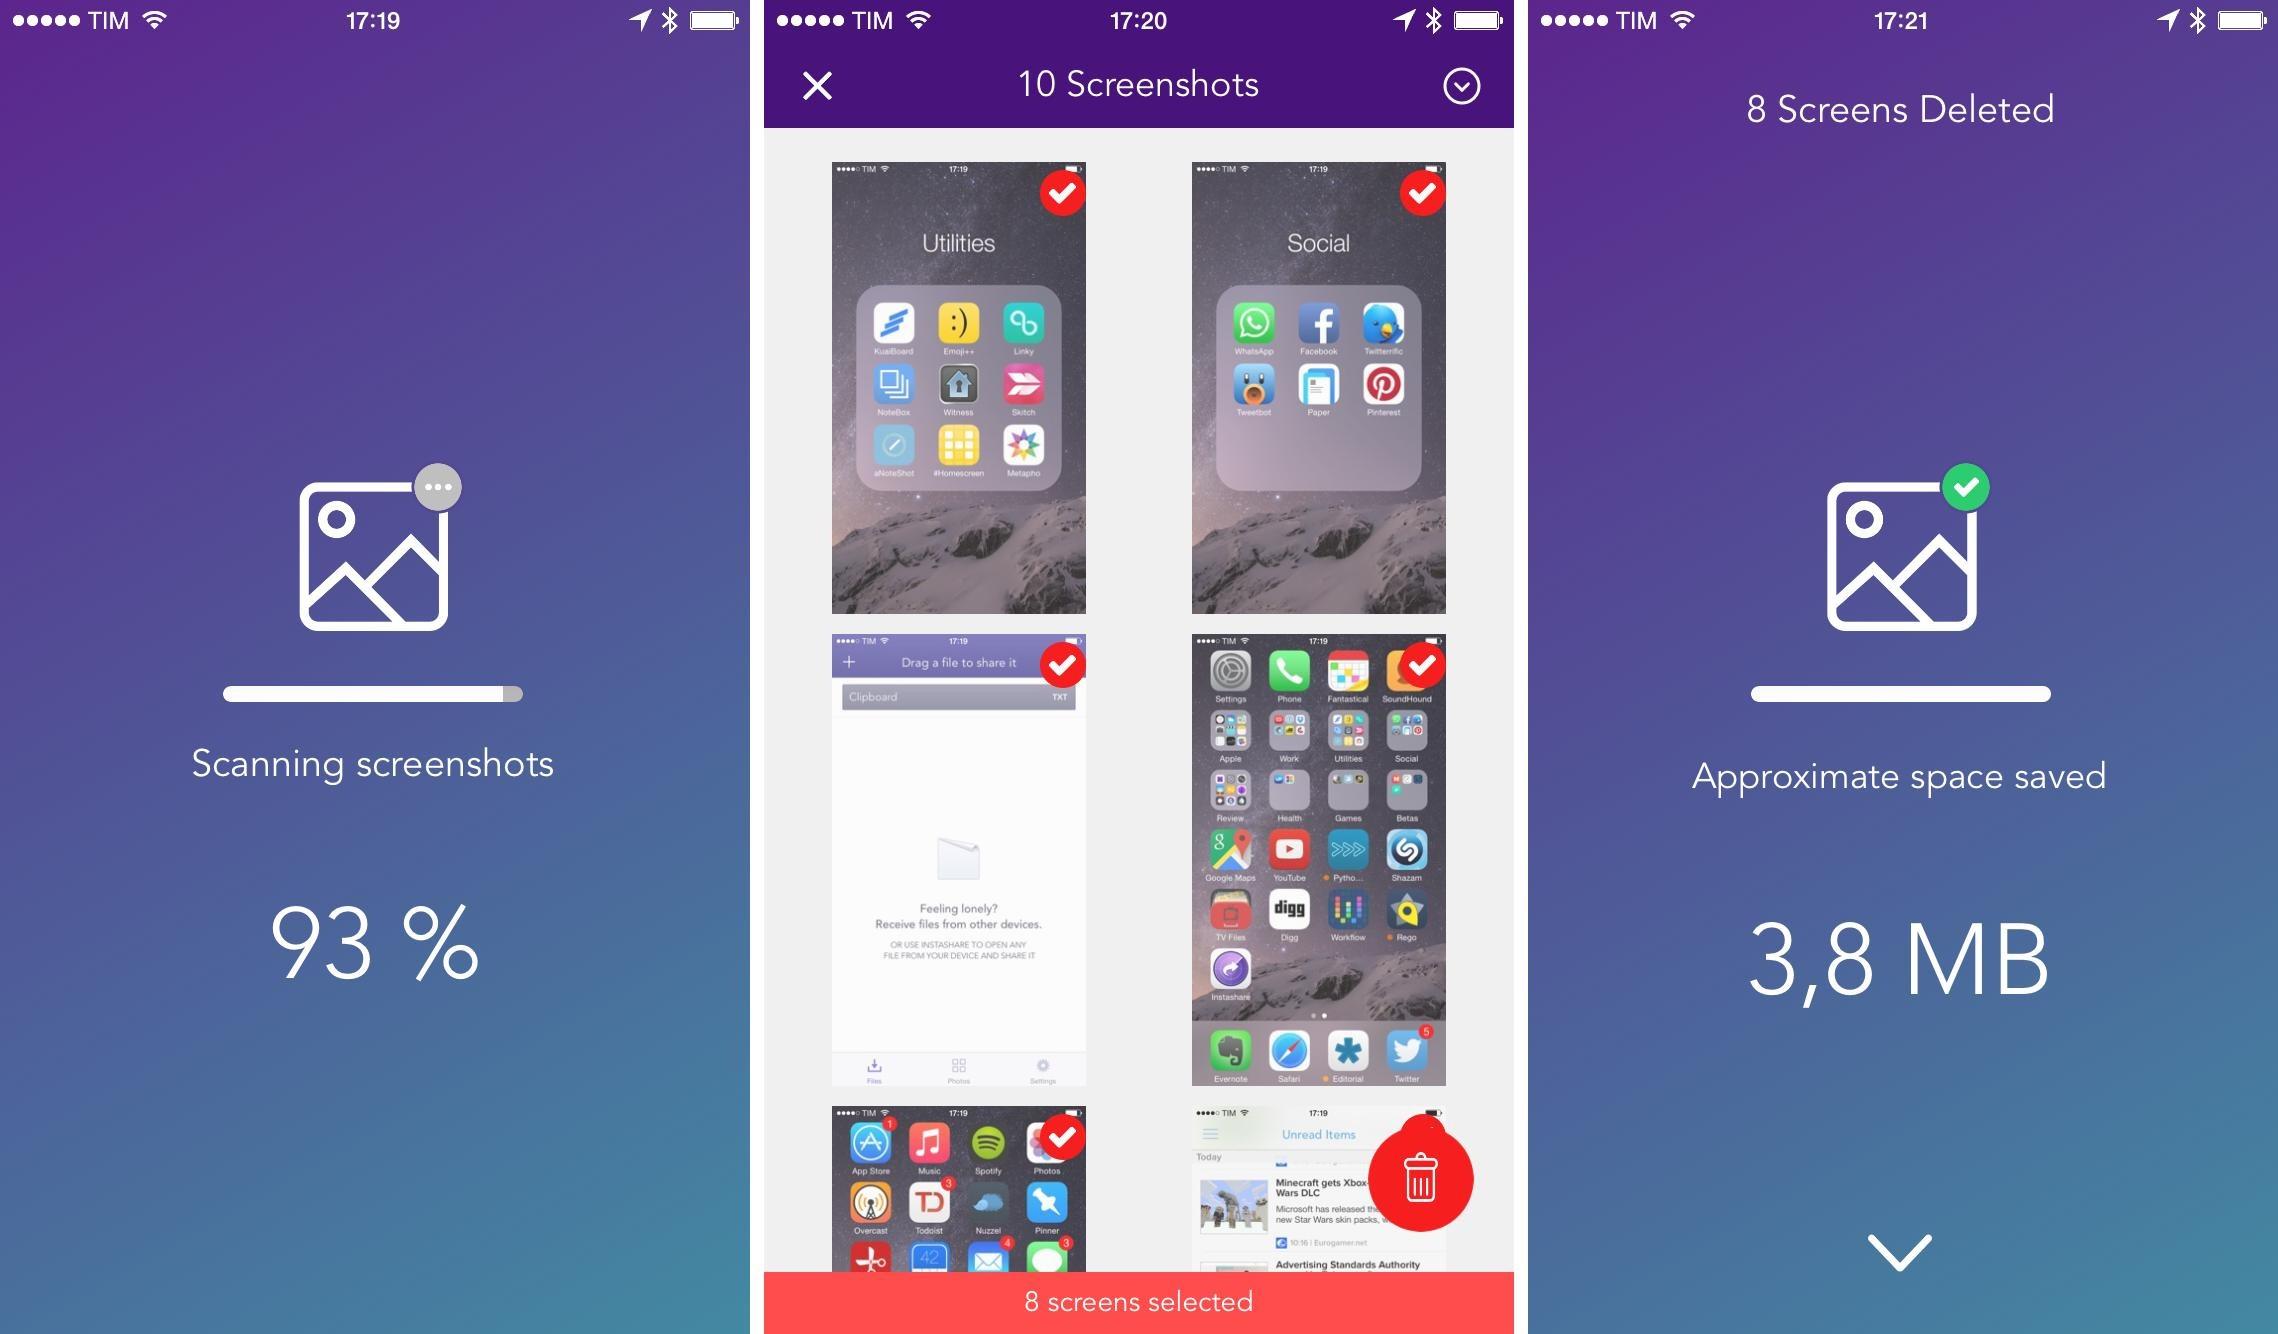 實用軟件一次刪除 iPhone 所有螢幕截圖 - UNWIRE.HK